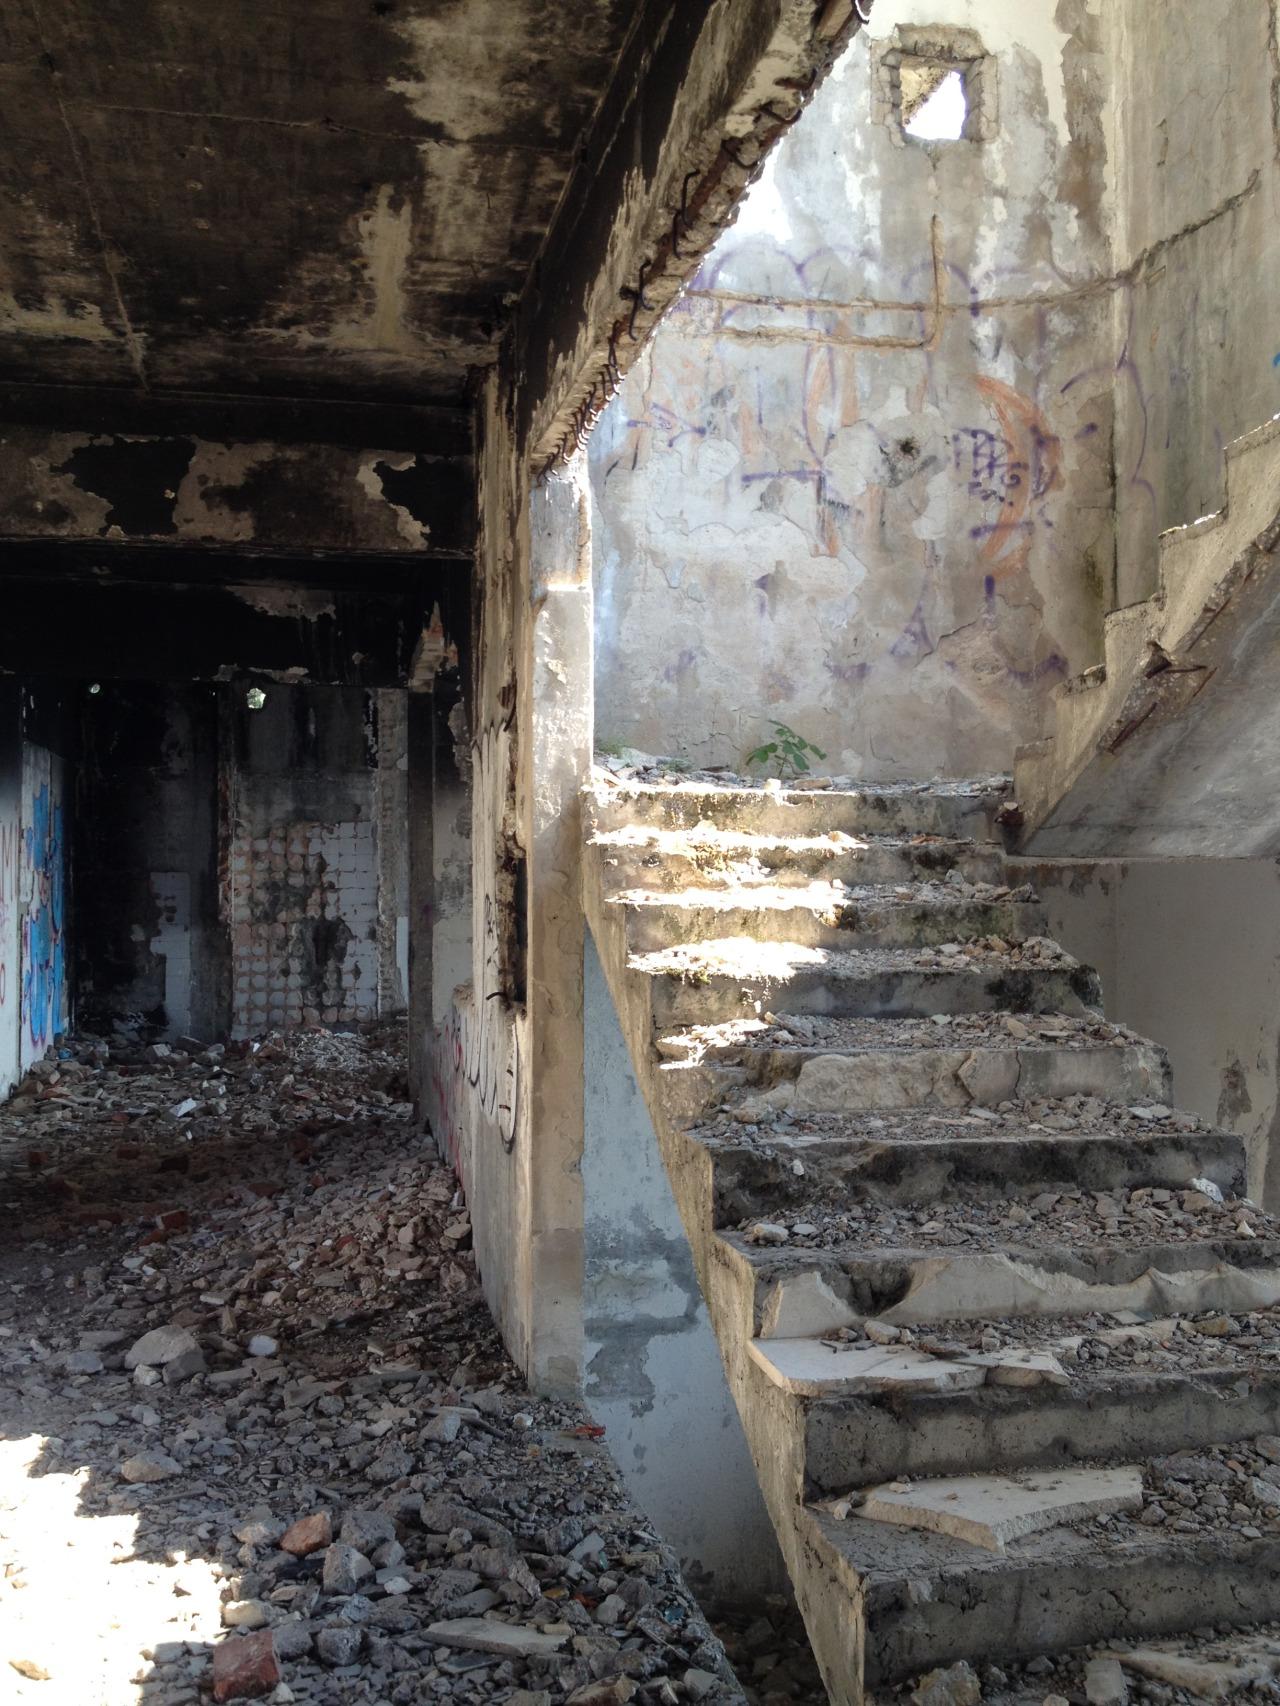 Shelled hotel in Sarajevo